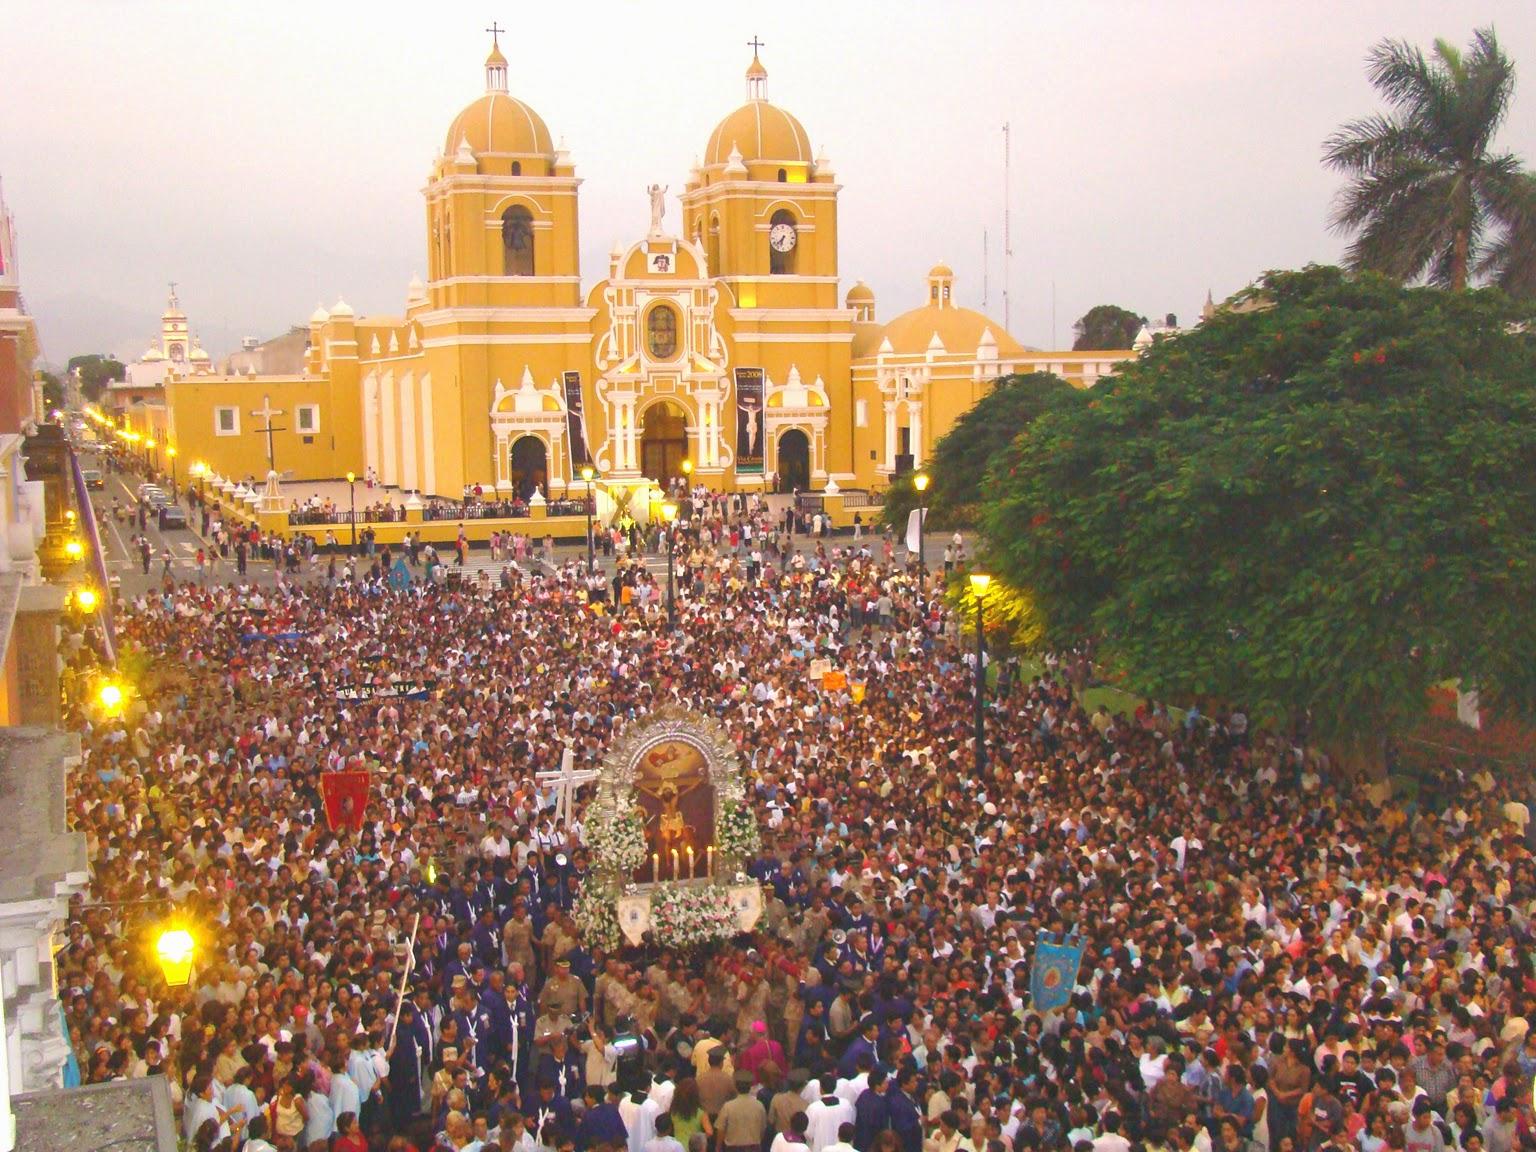 La Semana Santa en Trujillo, Perú